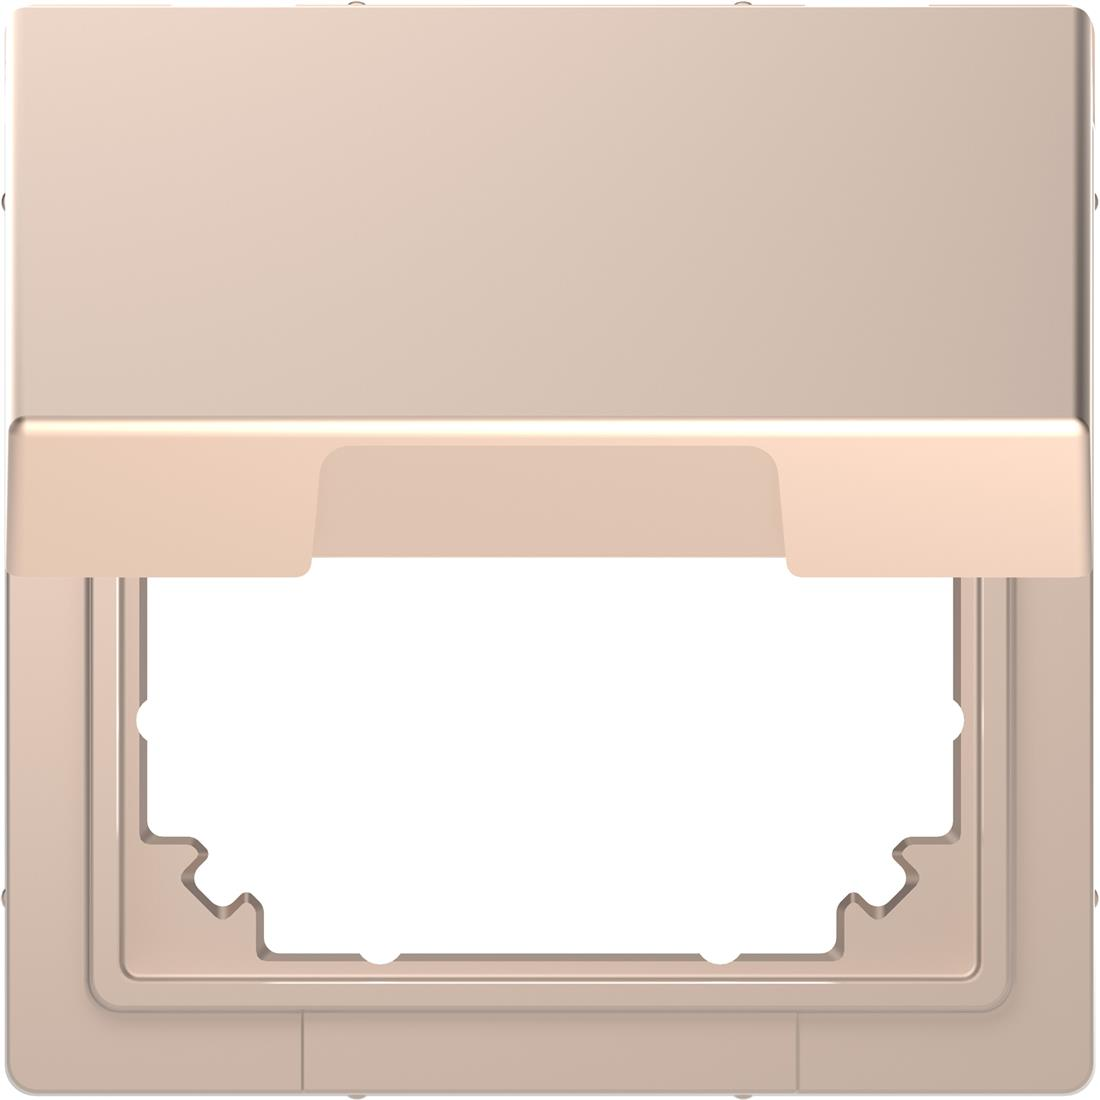 Schneider-Merten D Life adapter voor systeem M met klapdeksel - champagne metallic (MTN4081-6051)